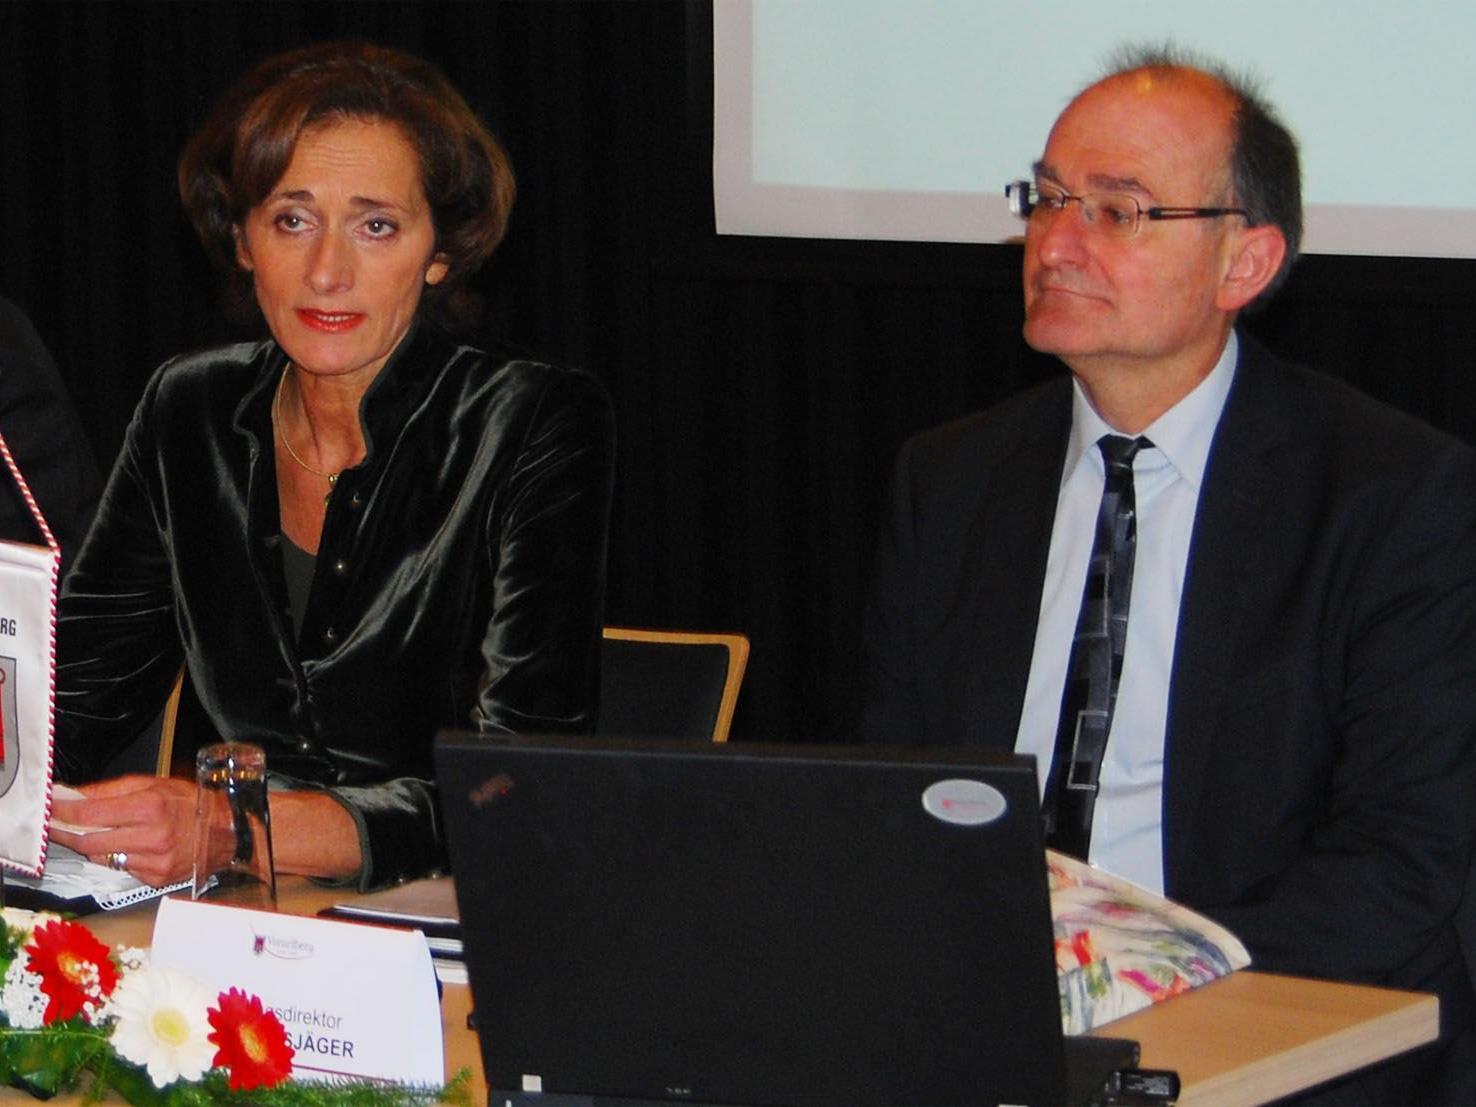 LT-Präsidentin Mennel und LT-Direktor Bußjäger, Leiter des Föderalismus Instituts Innsbruck.